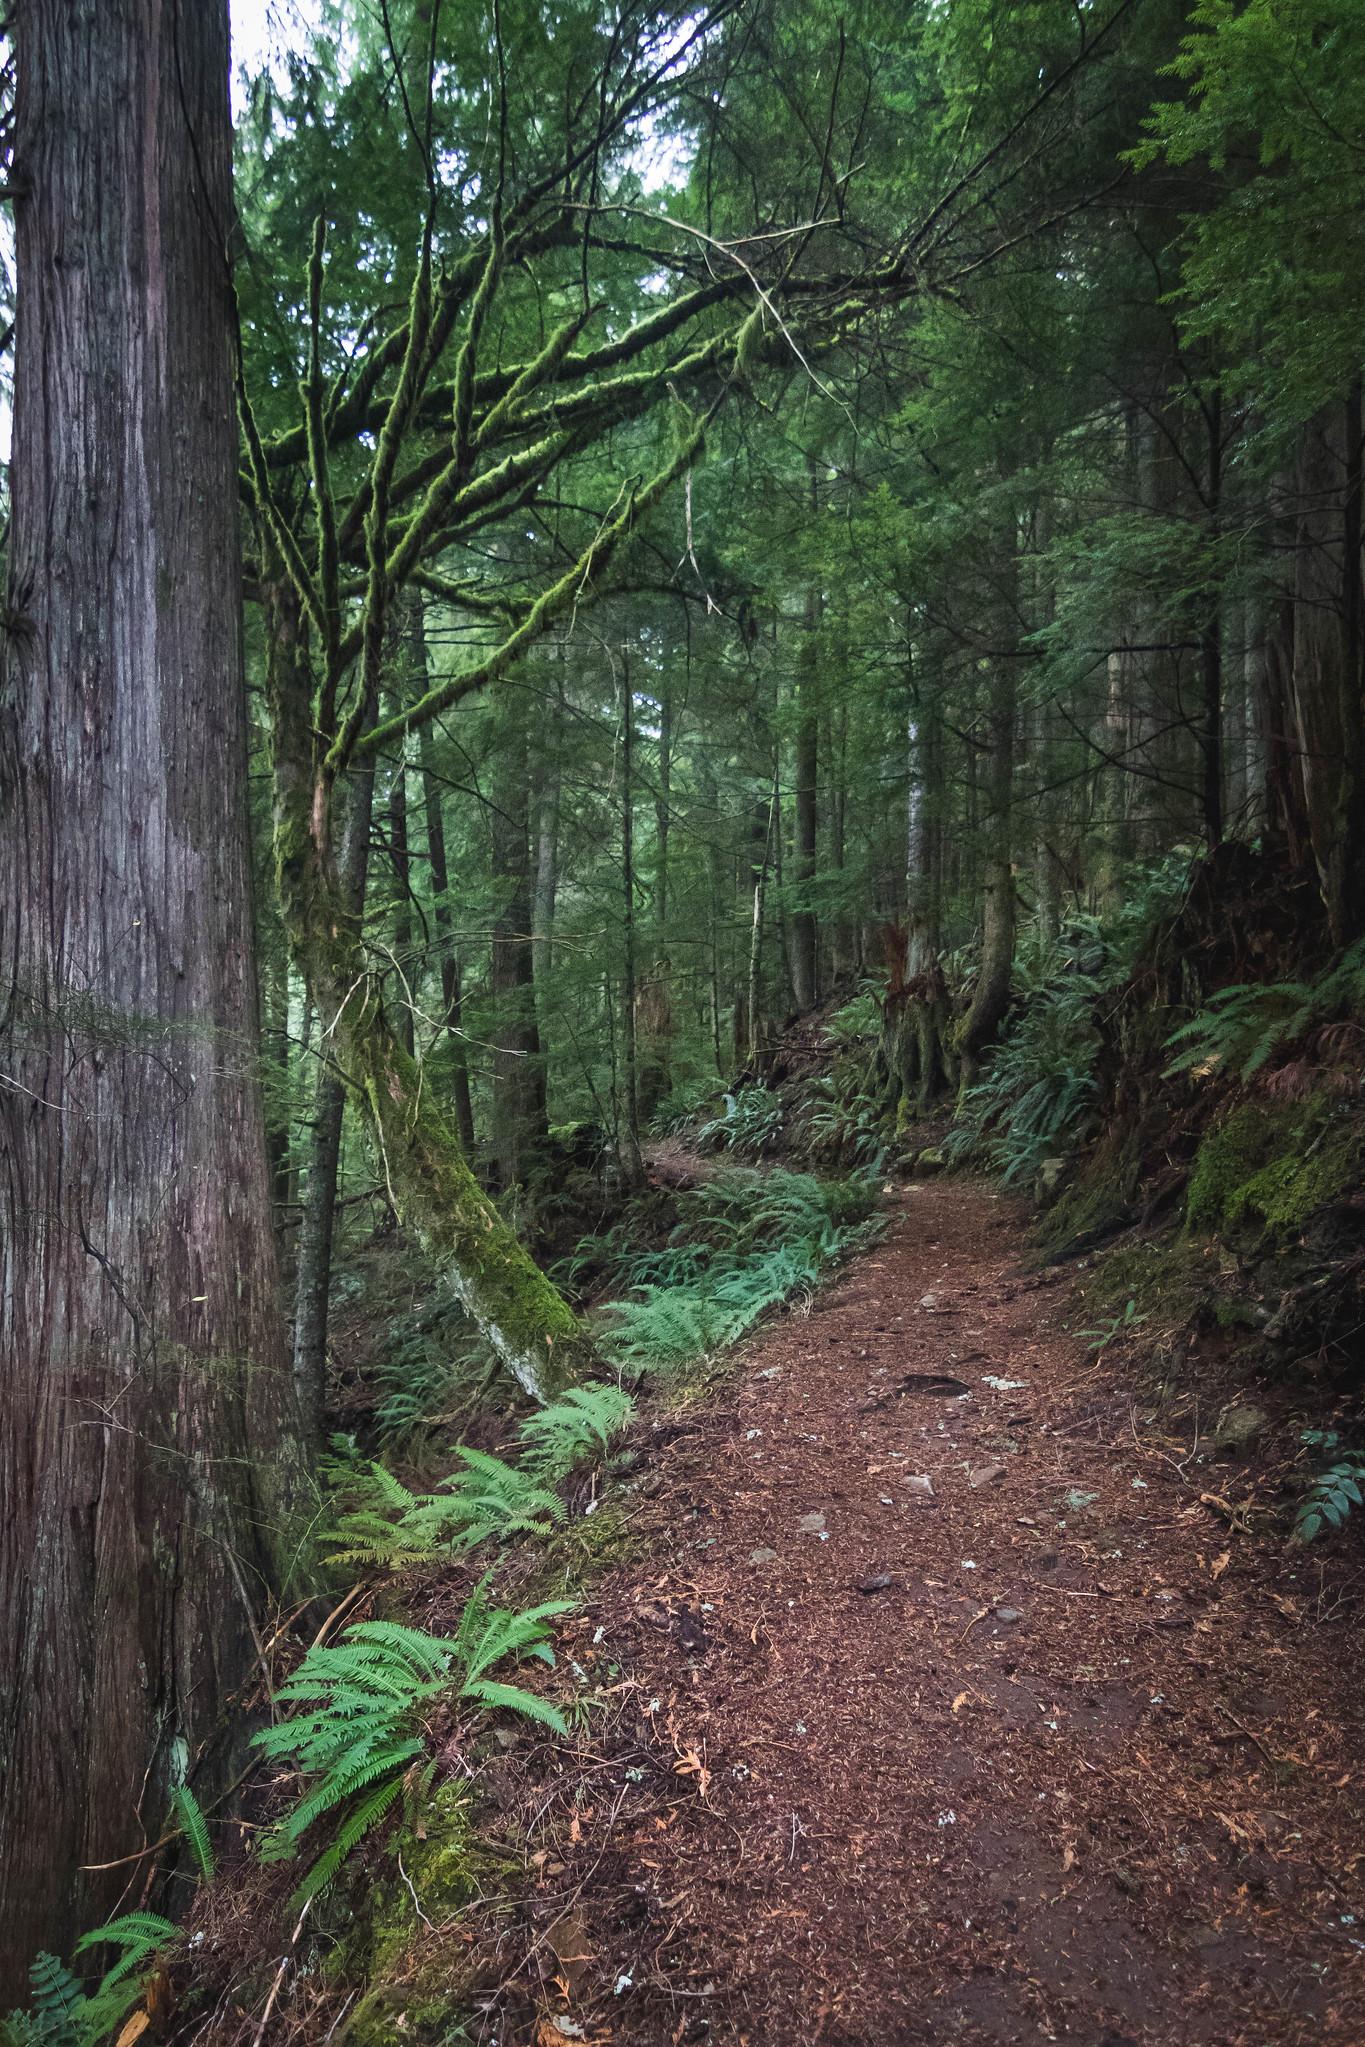 This way to Florence Peak